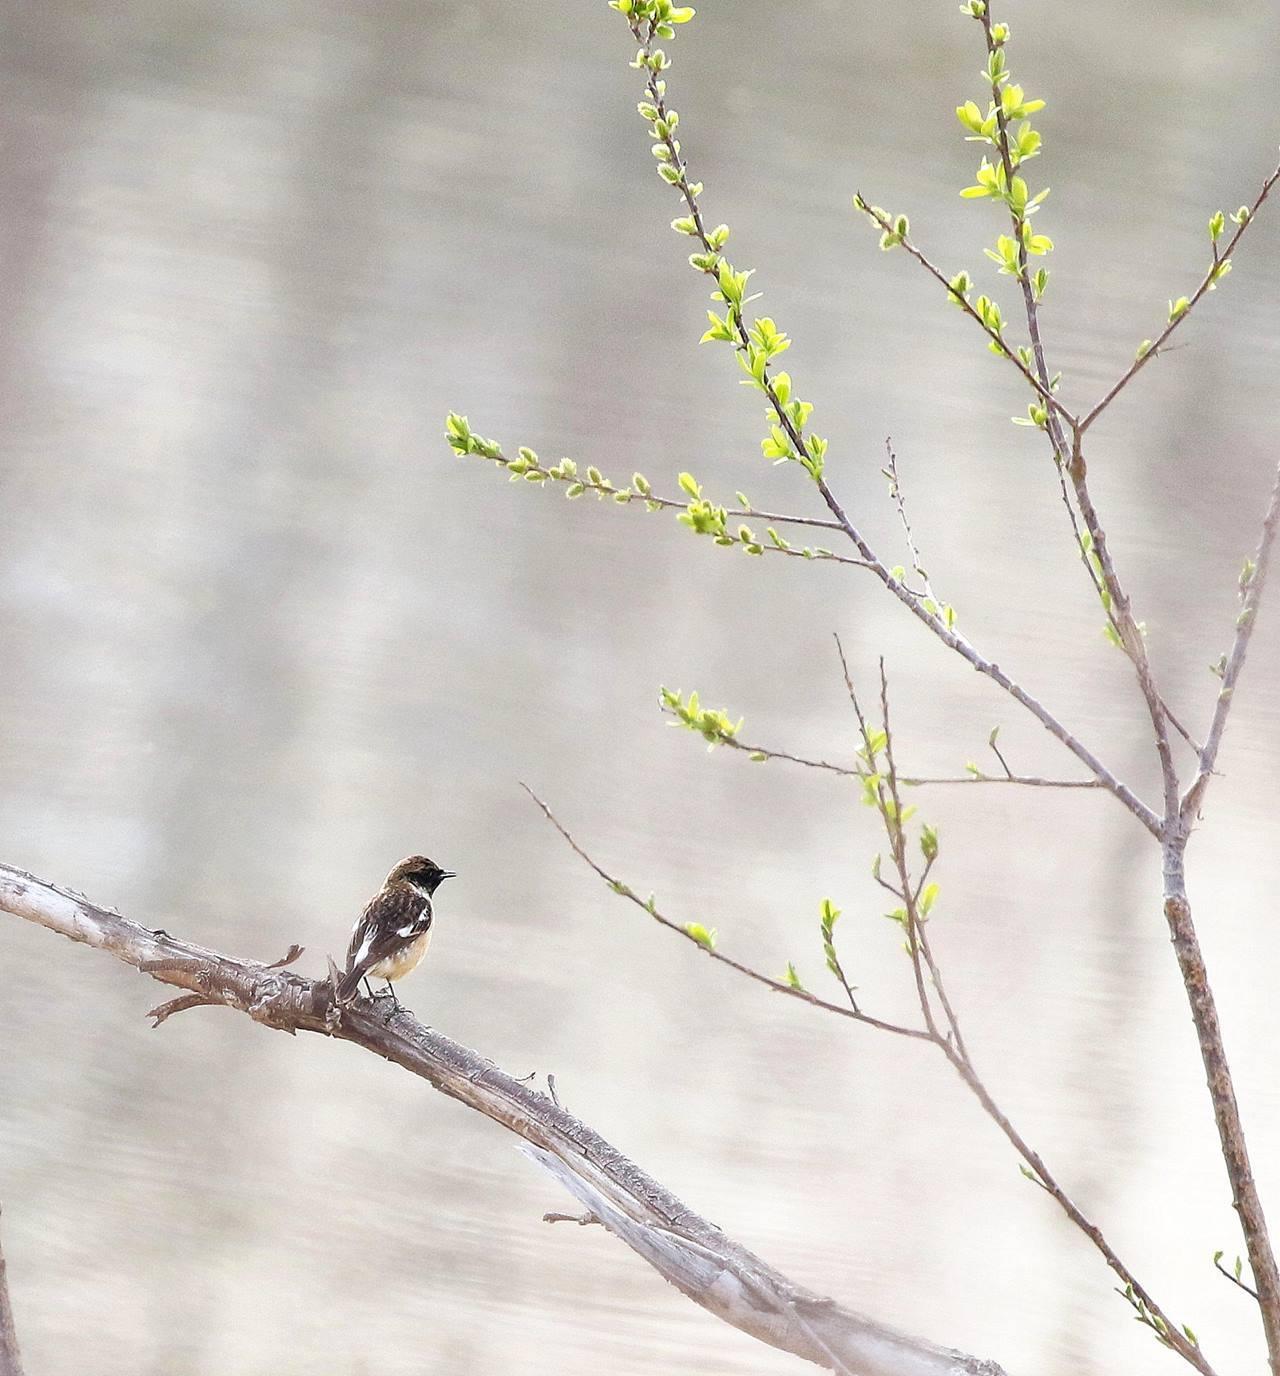 春の渡りのノビタキ♂に出会った・・・_c0213607_22130179.jpg